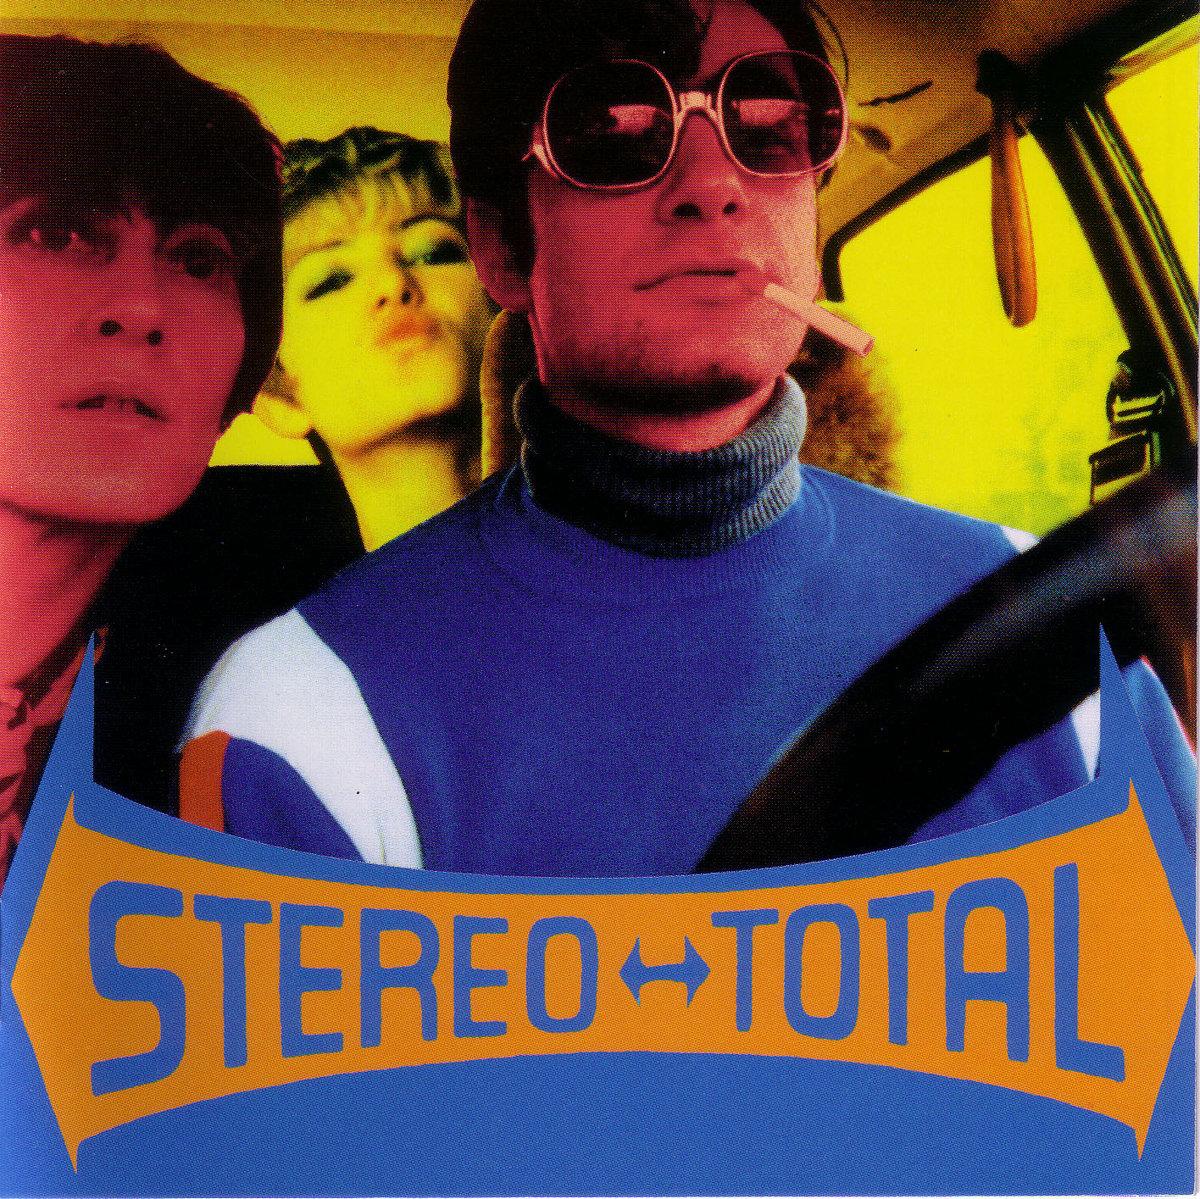 Bildergebnis für stereo total